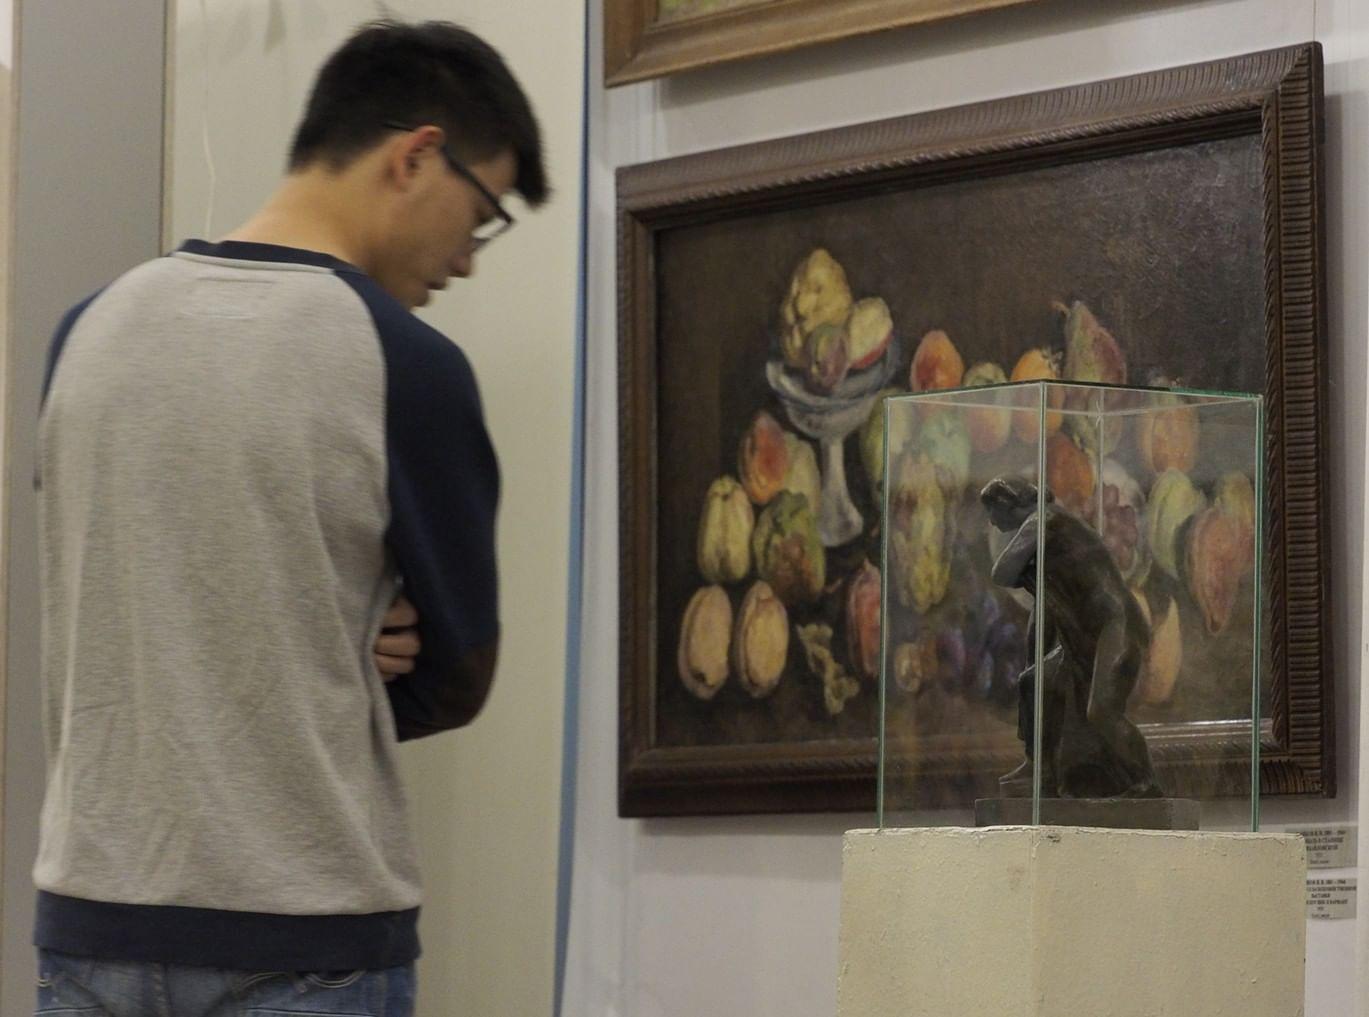 Фоторепортаж: «Триумф и идиллия» в Волгоградском музее изобразительных искусств. Галерея 1